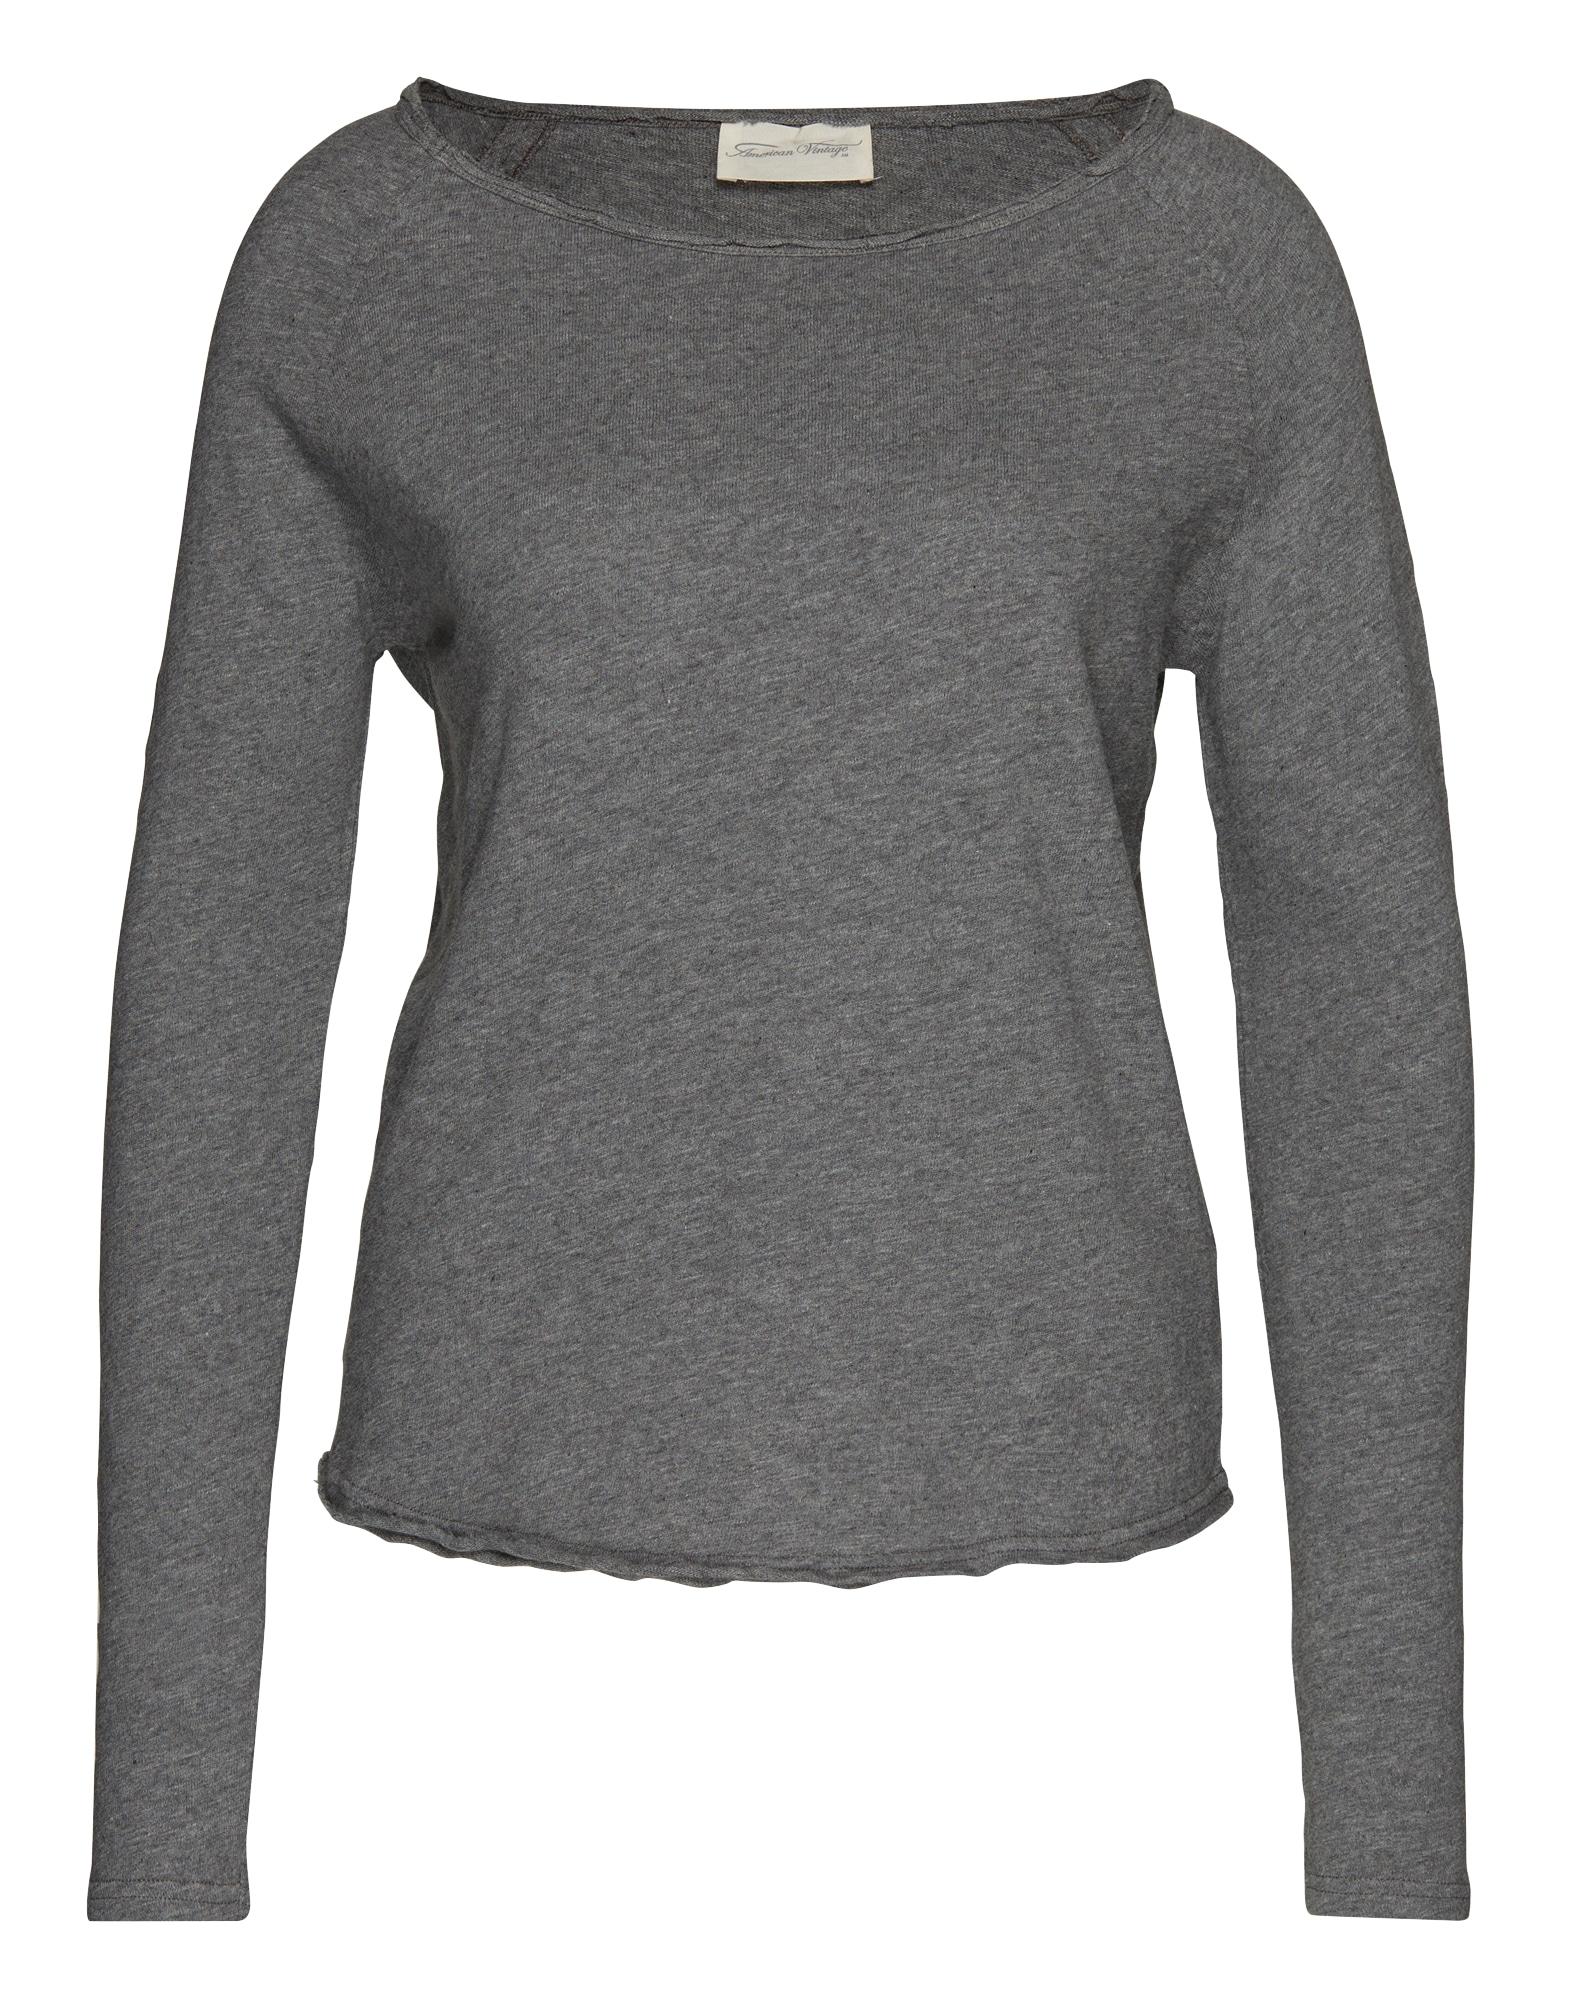 Tričko Sonoma šedý melír AMERICAN VINTAGE